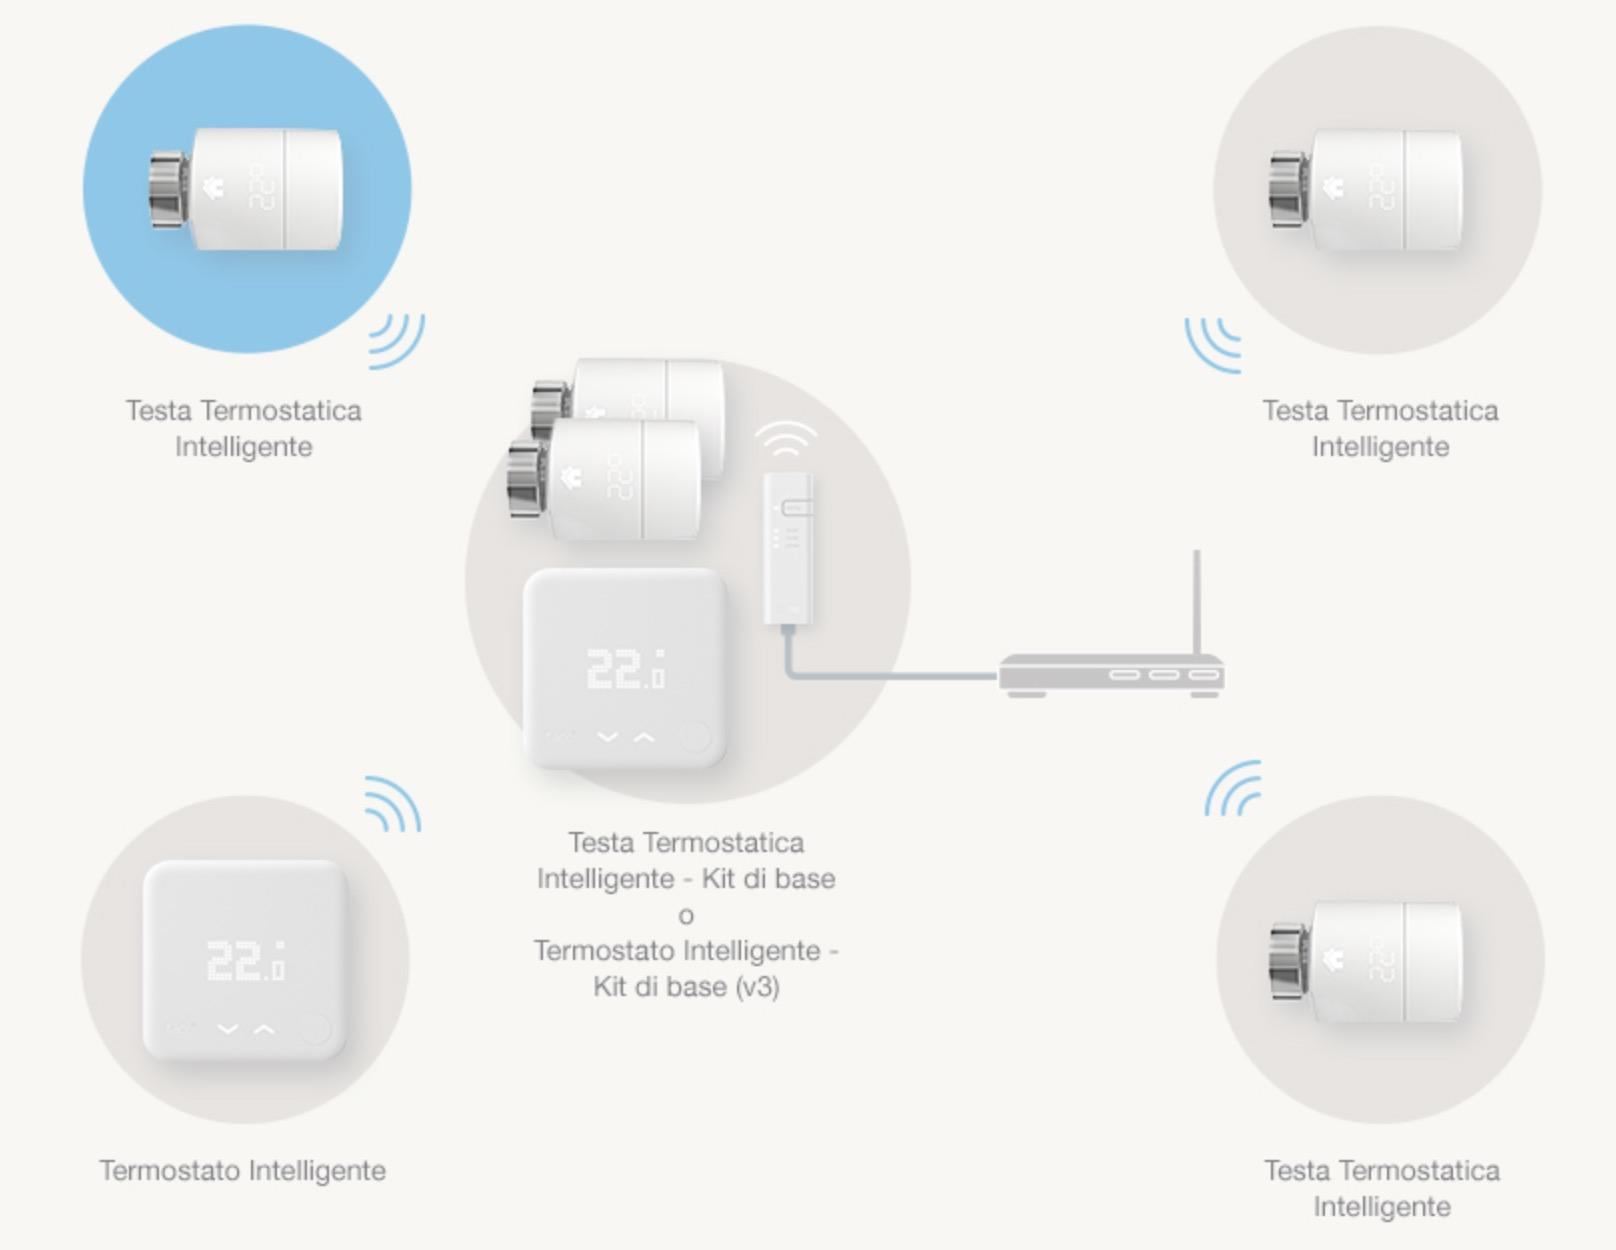 Le Migliori Valvole Termostatiche Smart Per Comfort E Massimo